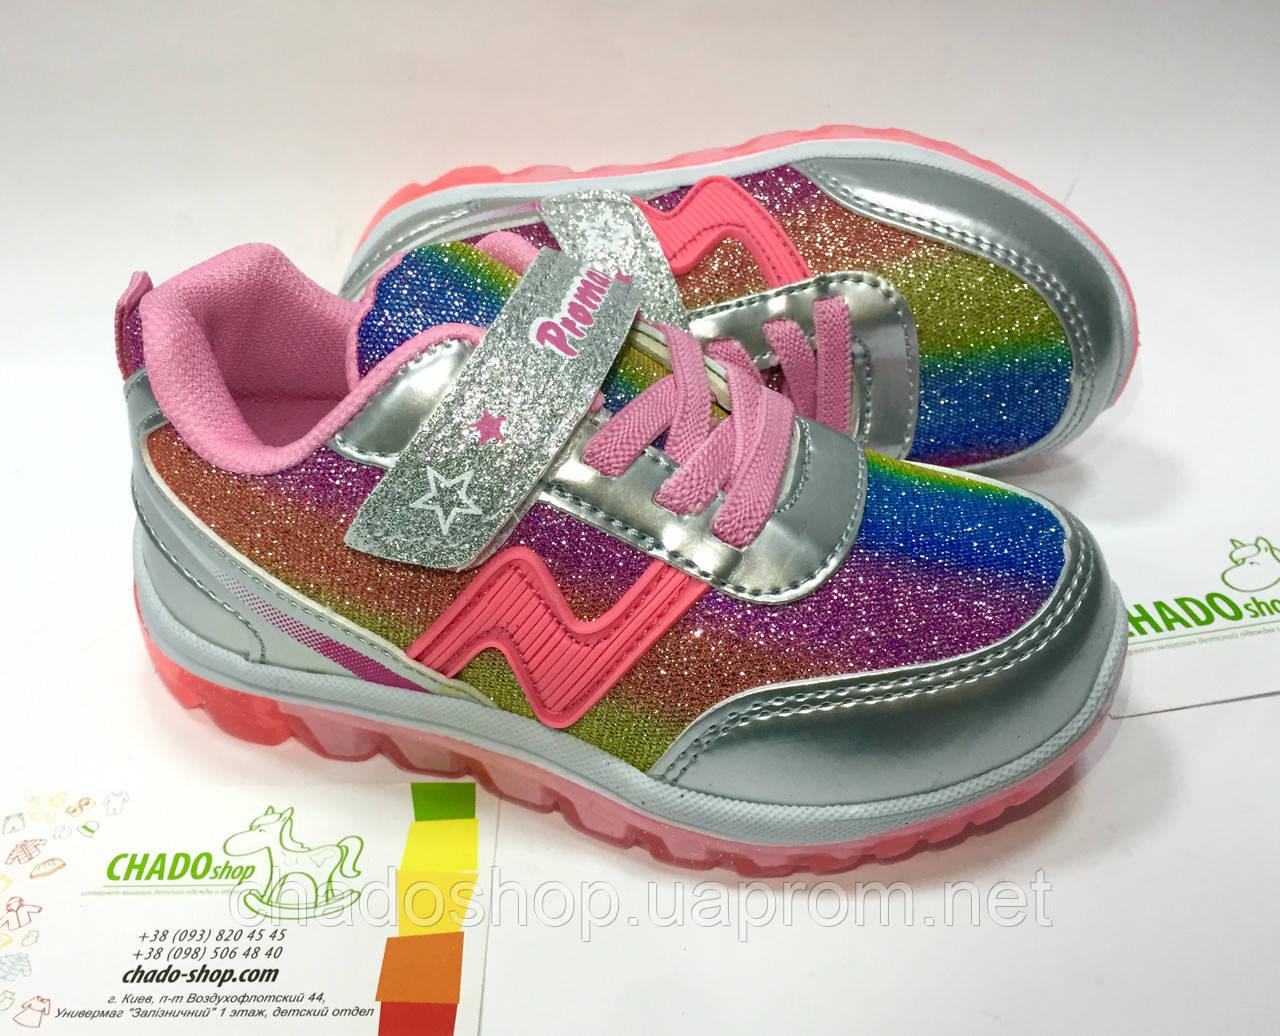 b6f9b0de2 Купить Детский кроссовок на девочку Promax в Киеве от компании ...